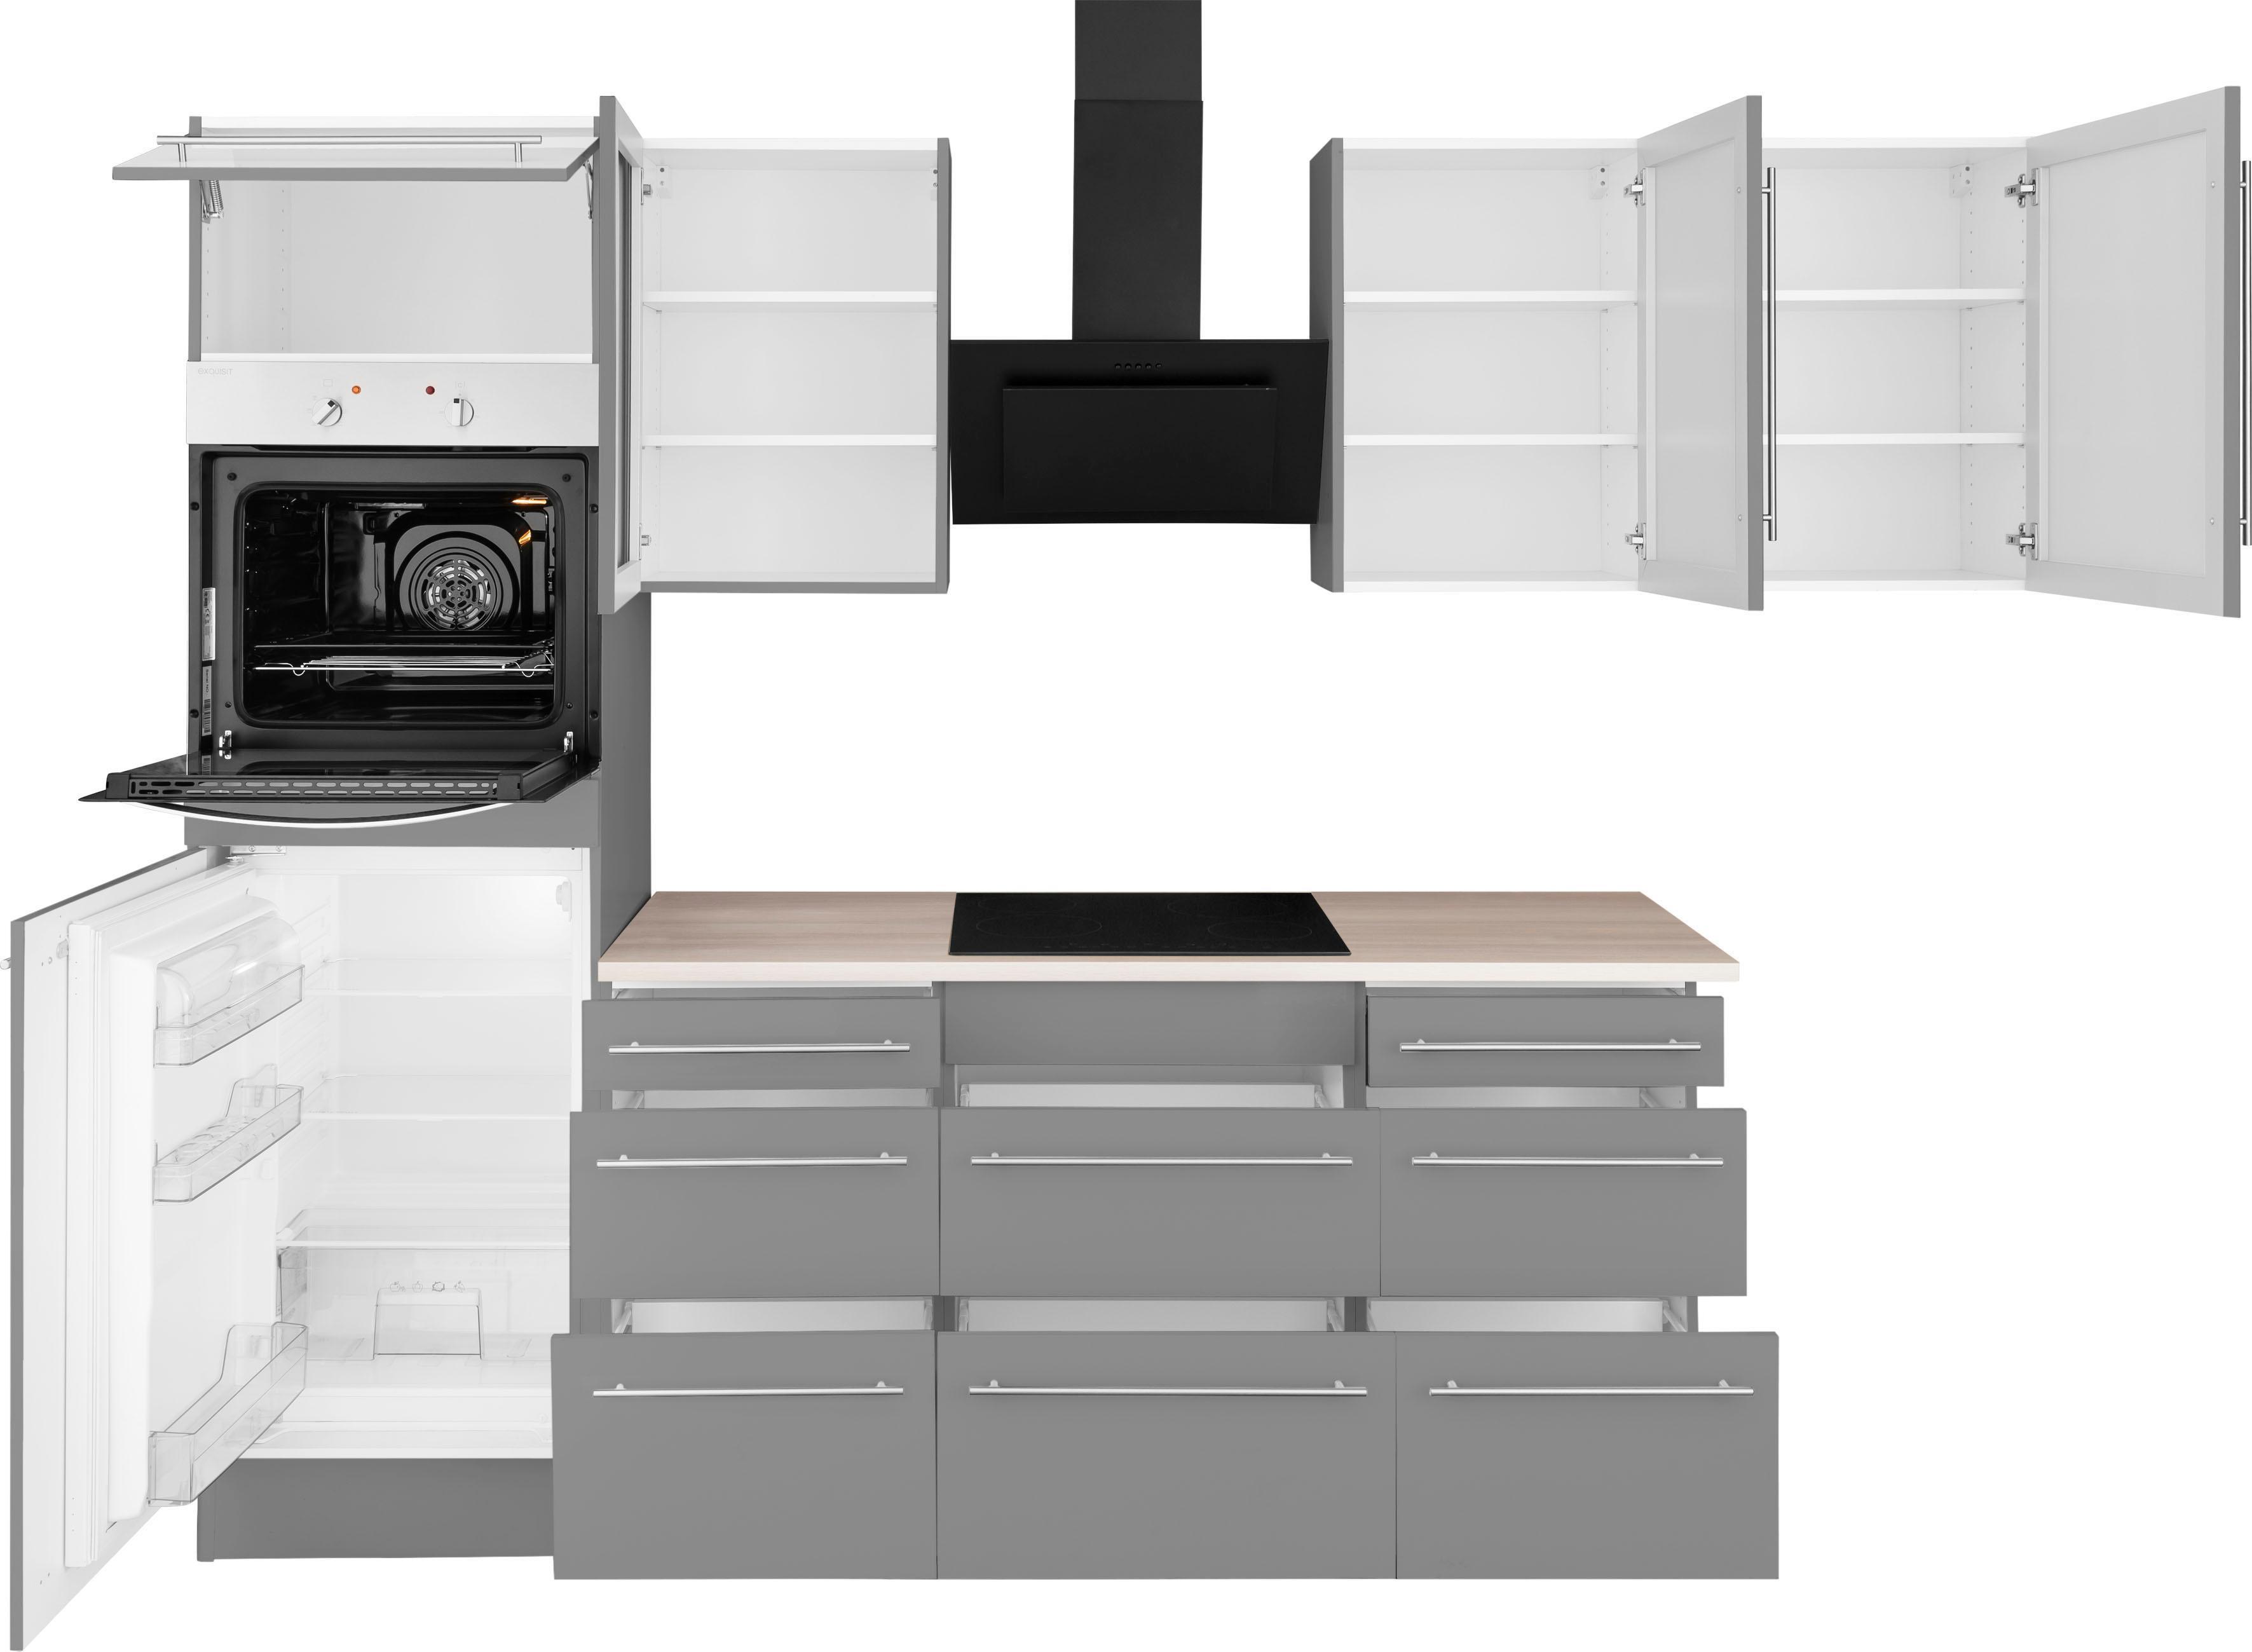 OPTIFIT Winkelküche »Bern« | Küche und Esszimmer > Küchen > Winkelküchen | OPTIFIT